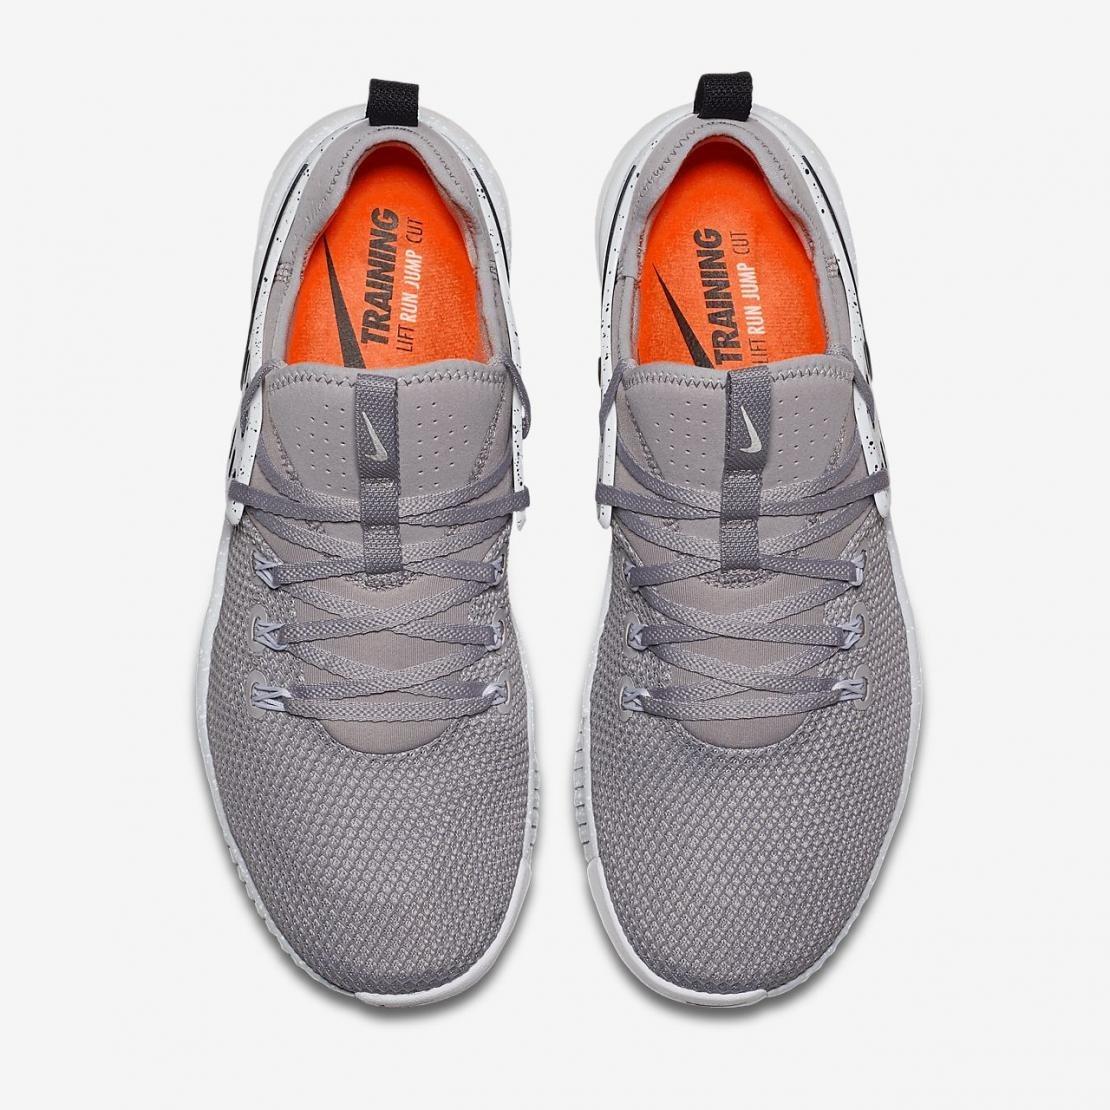 super popular 4133f e19e1 Zapatillas Hombre Nike Free Tr 8 Running Training C/ Envio